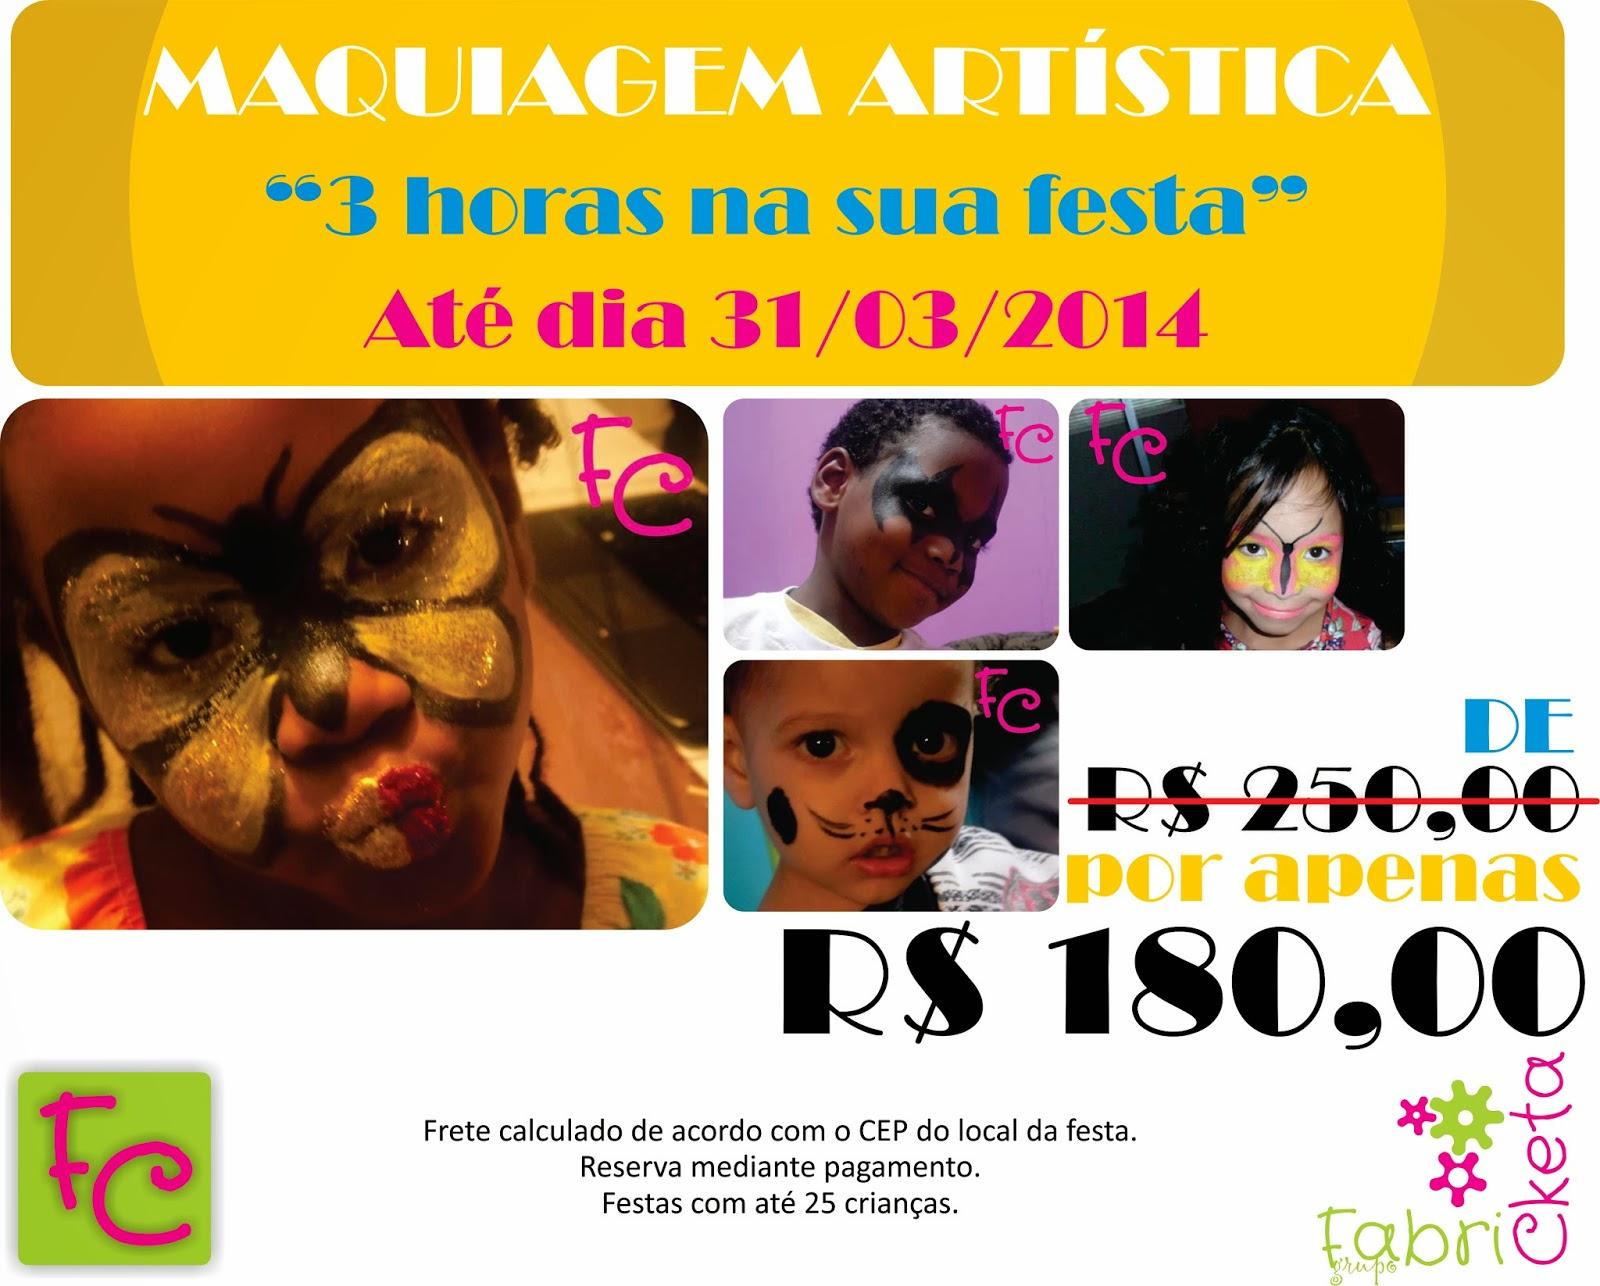 Promoção Maquiagem Artistica